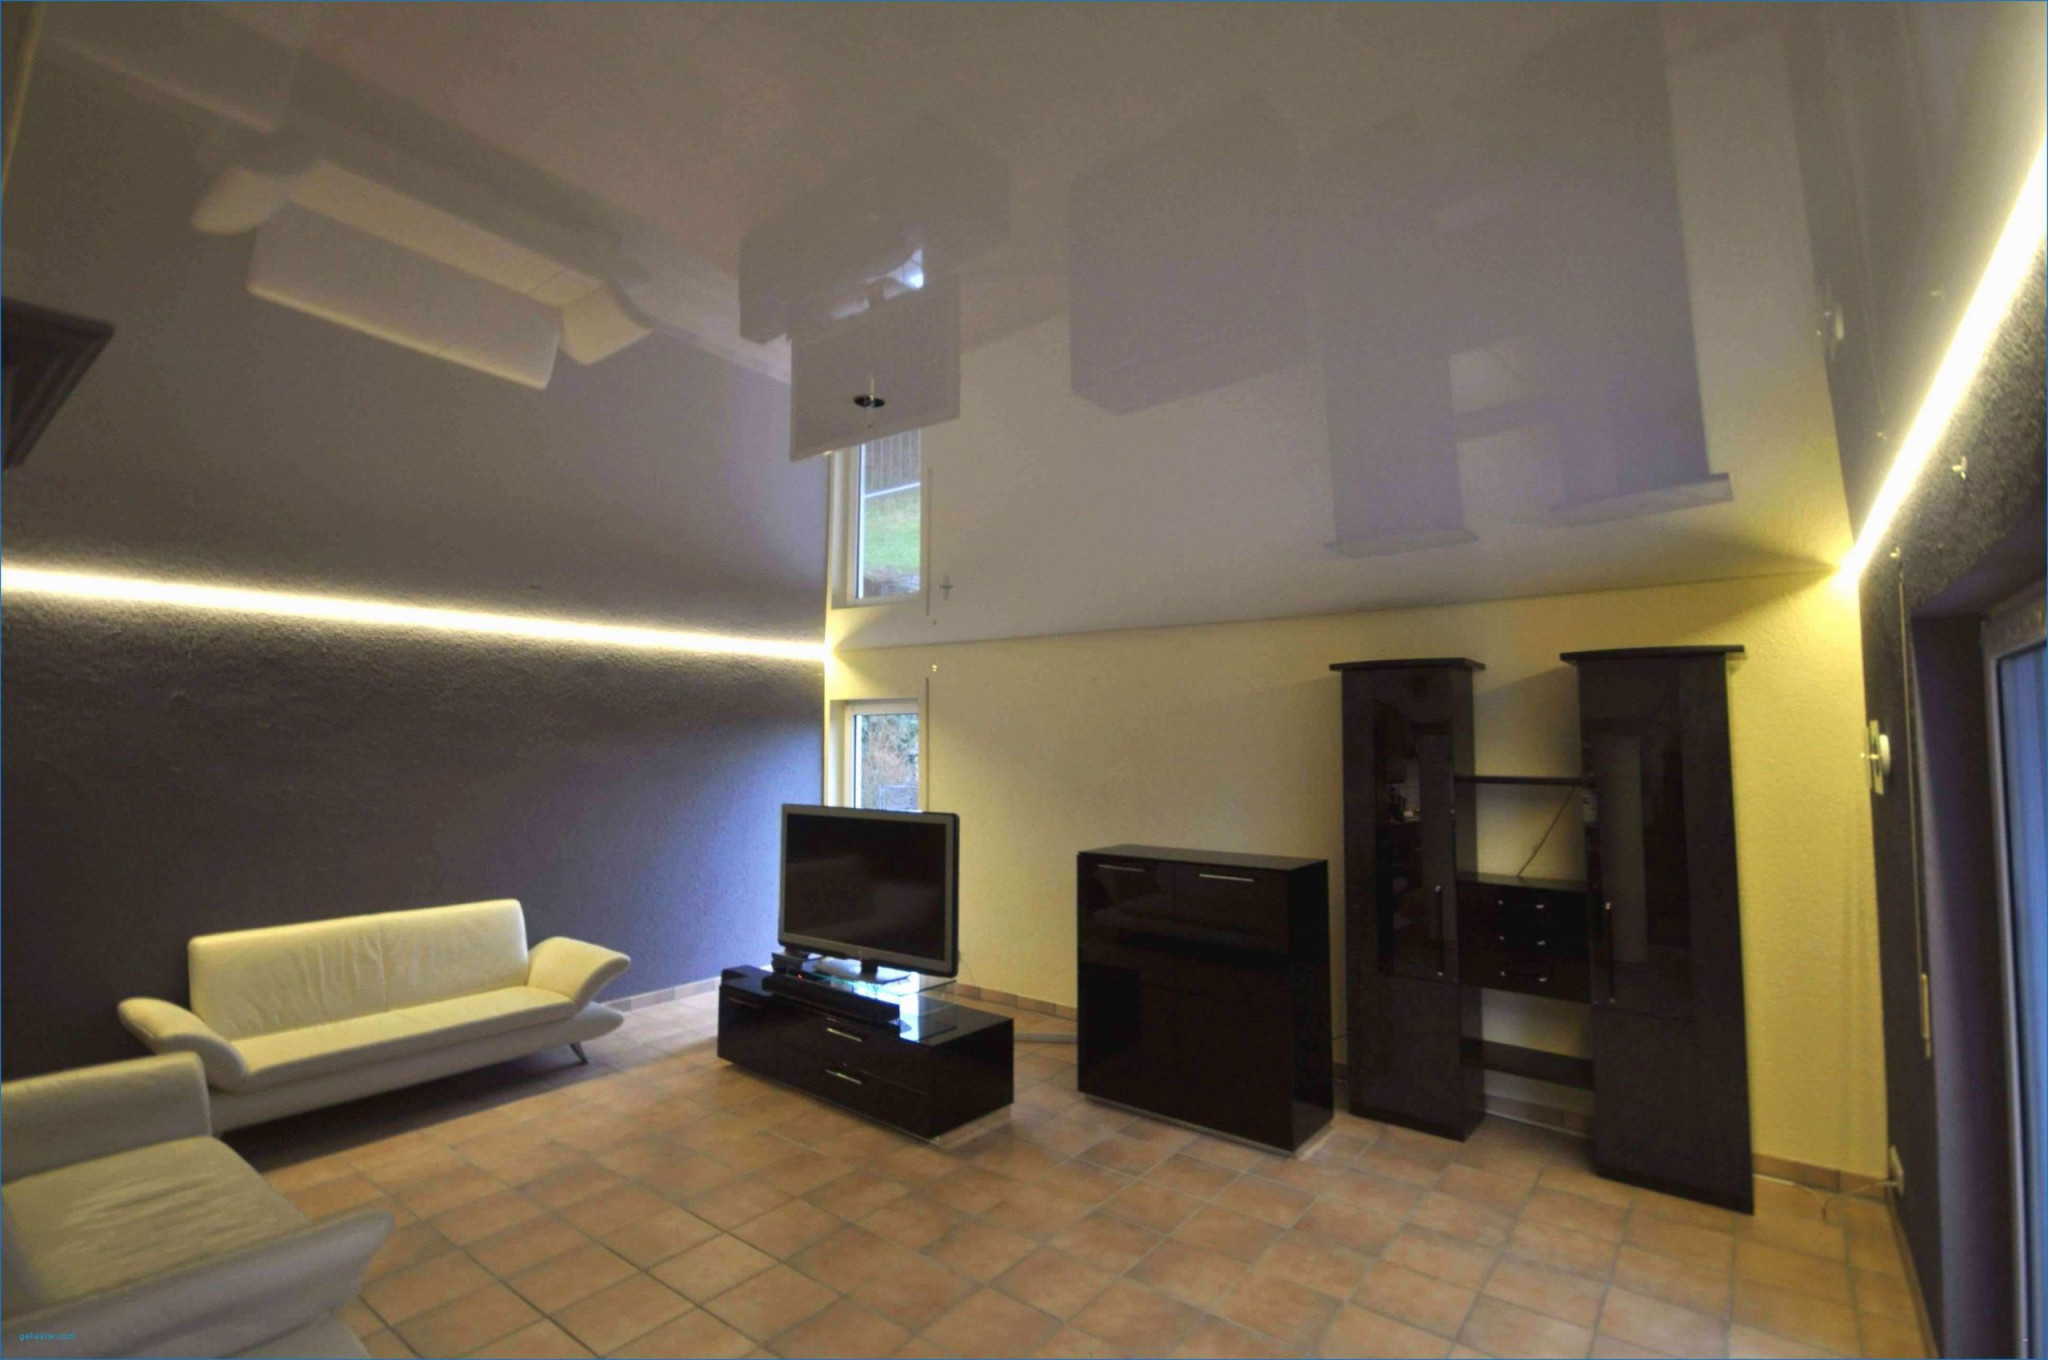 39 Das Beste Von Deckenverkleidung Wohnzimmer Elegant von Moderne Deckenverkleidung Wohnzimmer Bild